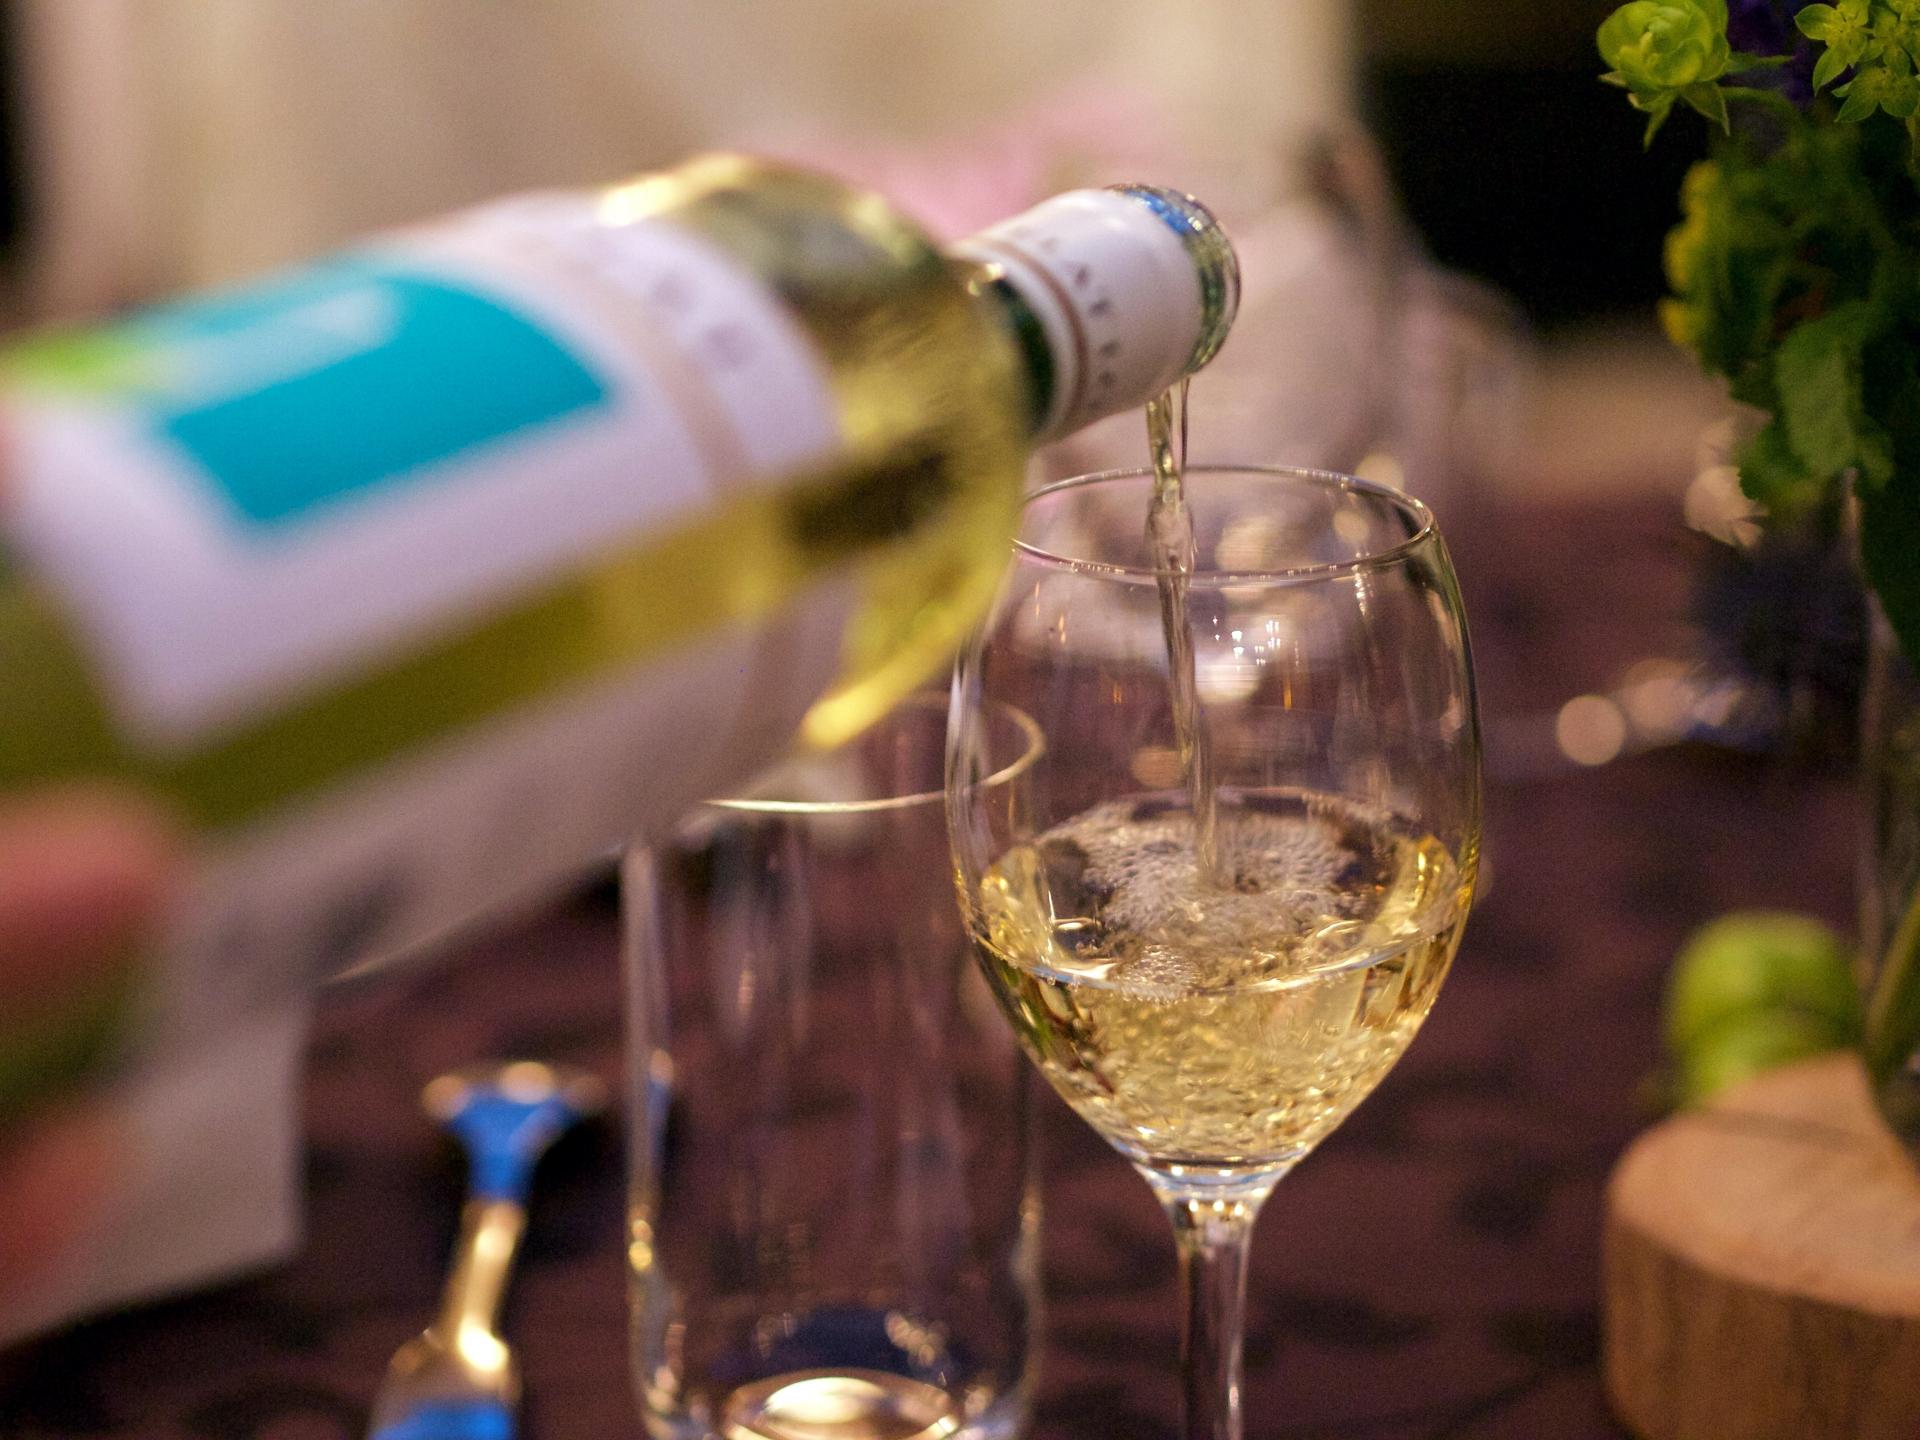 グラスに白ワインを注いでいる様子